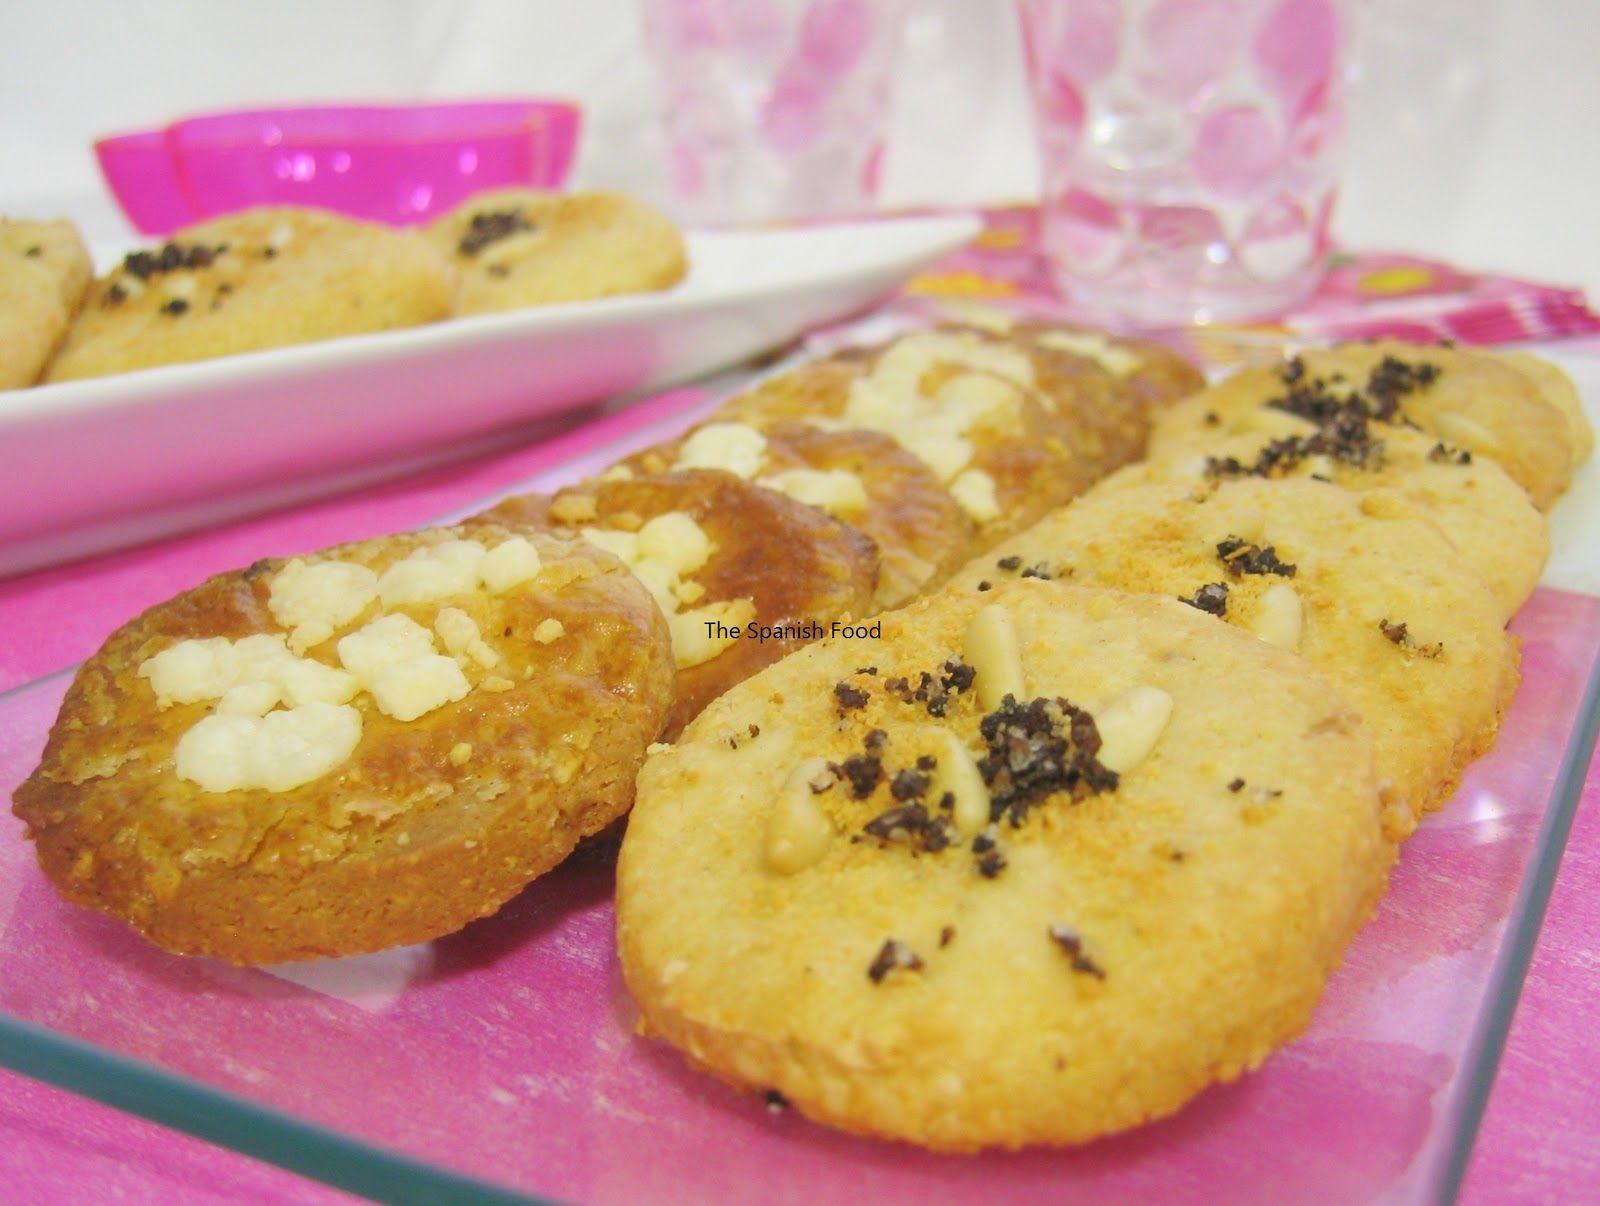 Galletas de queso y eso the spanish food recipes spanish recipes galletas de queso y eso the spanish food forumfinder Choice Image